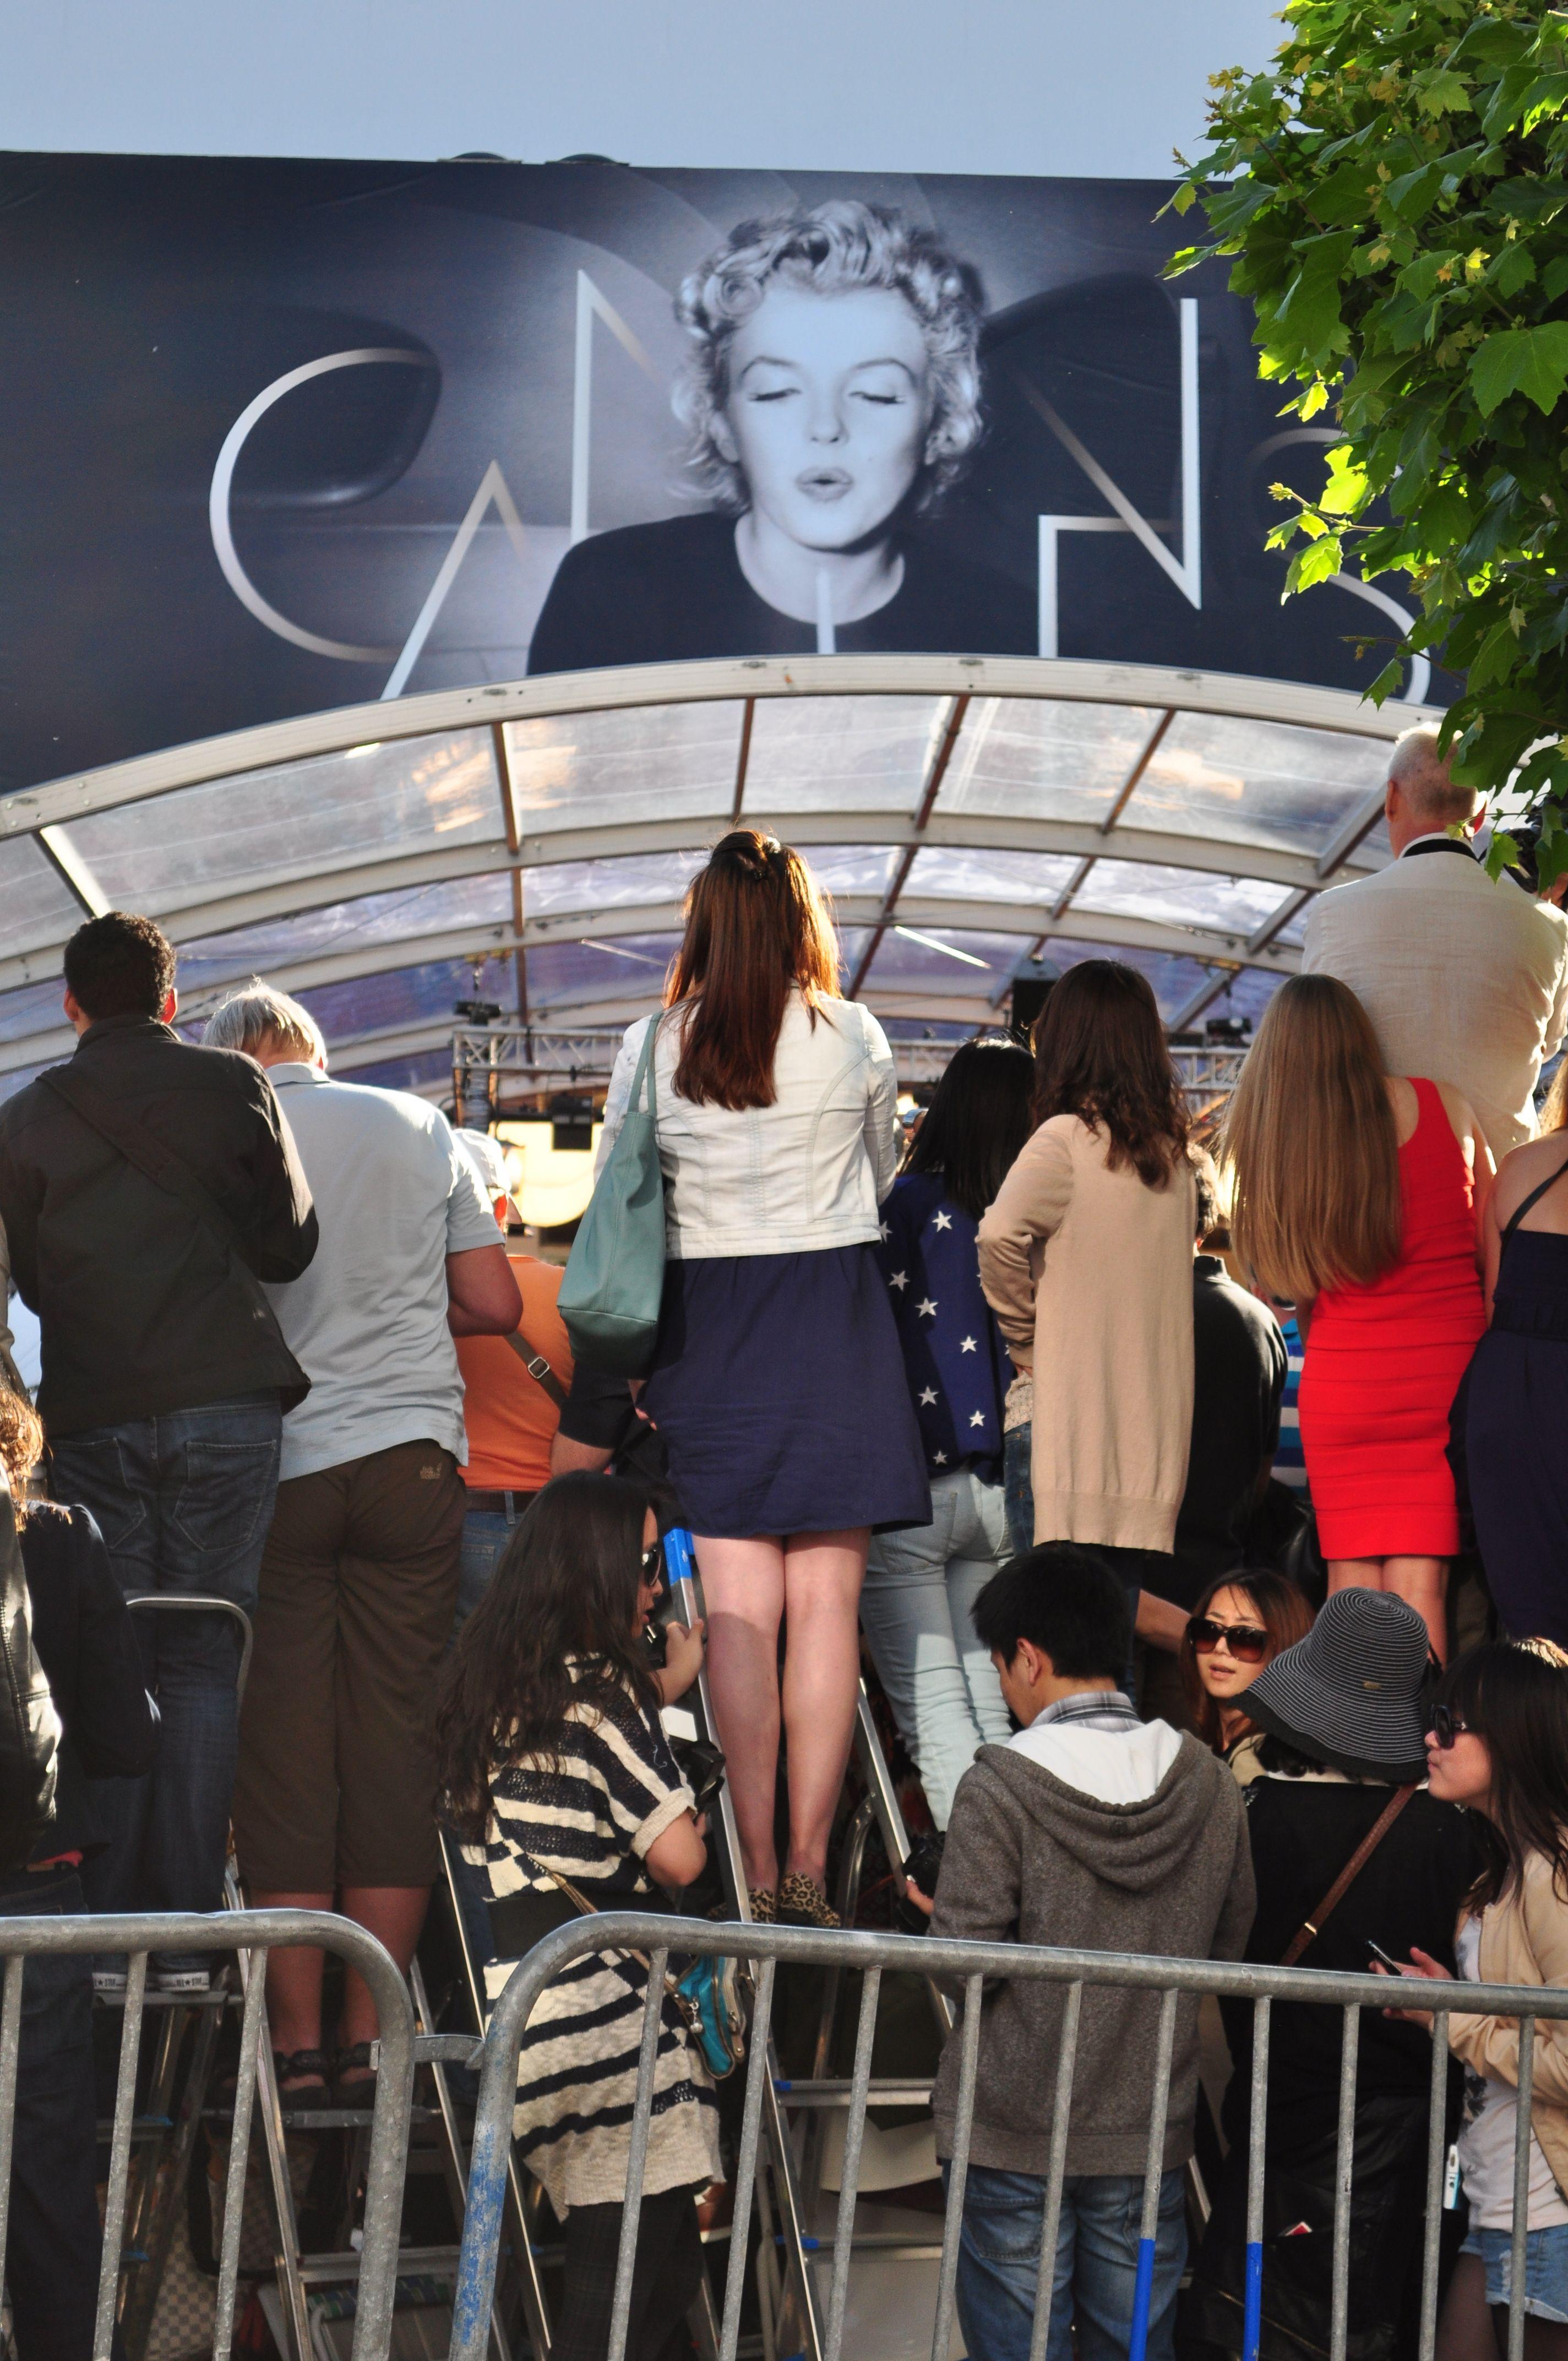 Le Festival de Cannes a commencé !